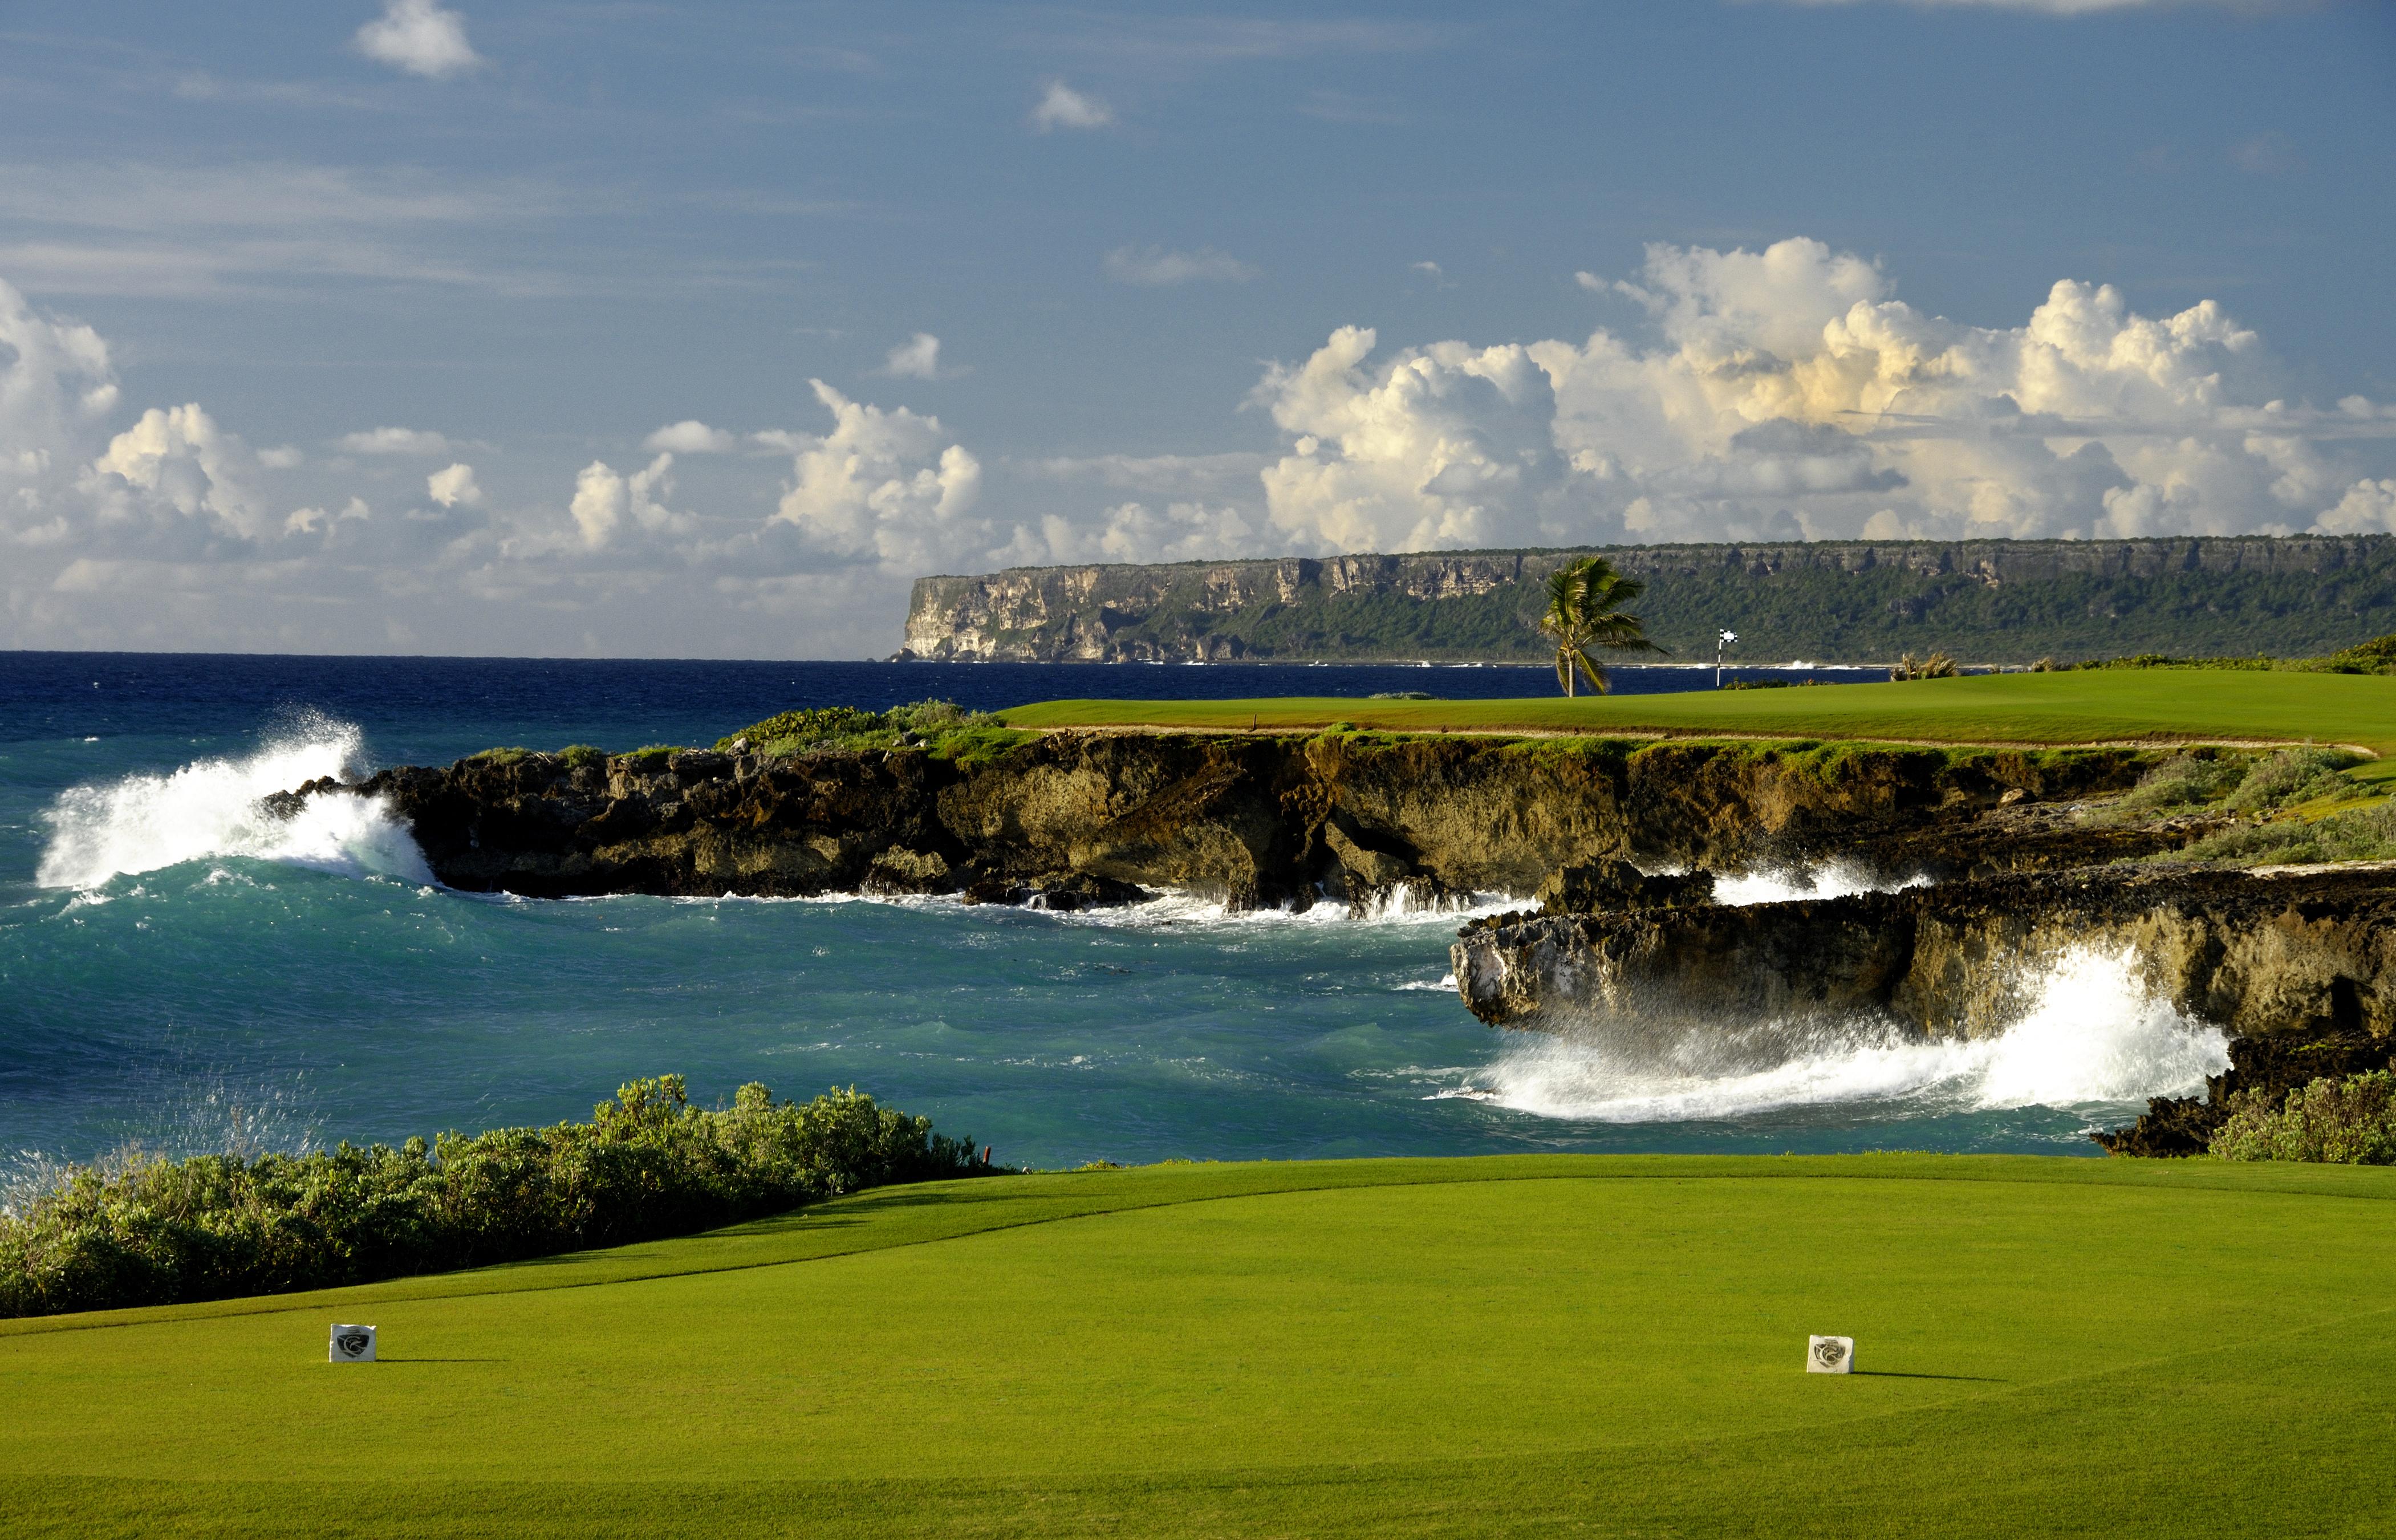 No. 13 at Punta Espada Golf Club at Cap Cana Resortt in the Dominican Republic.